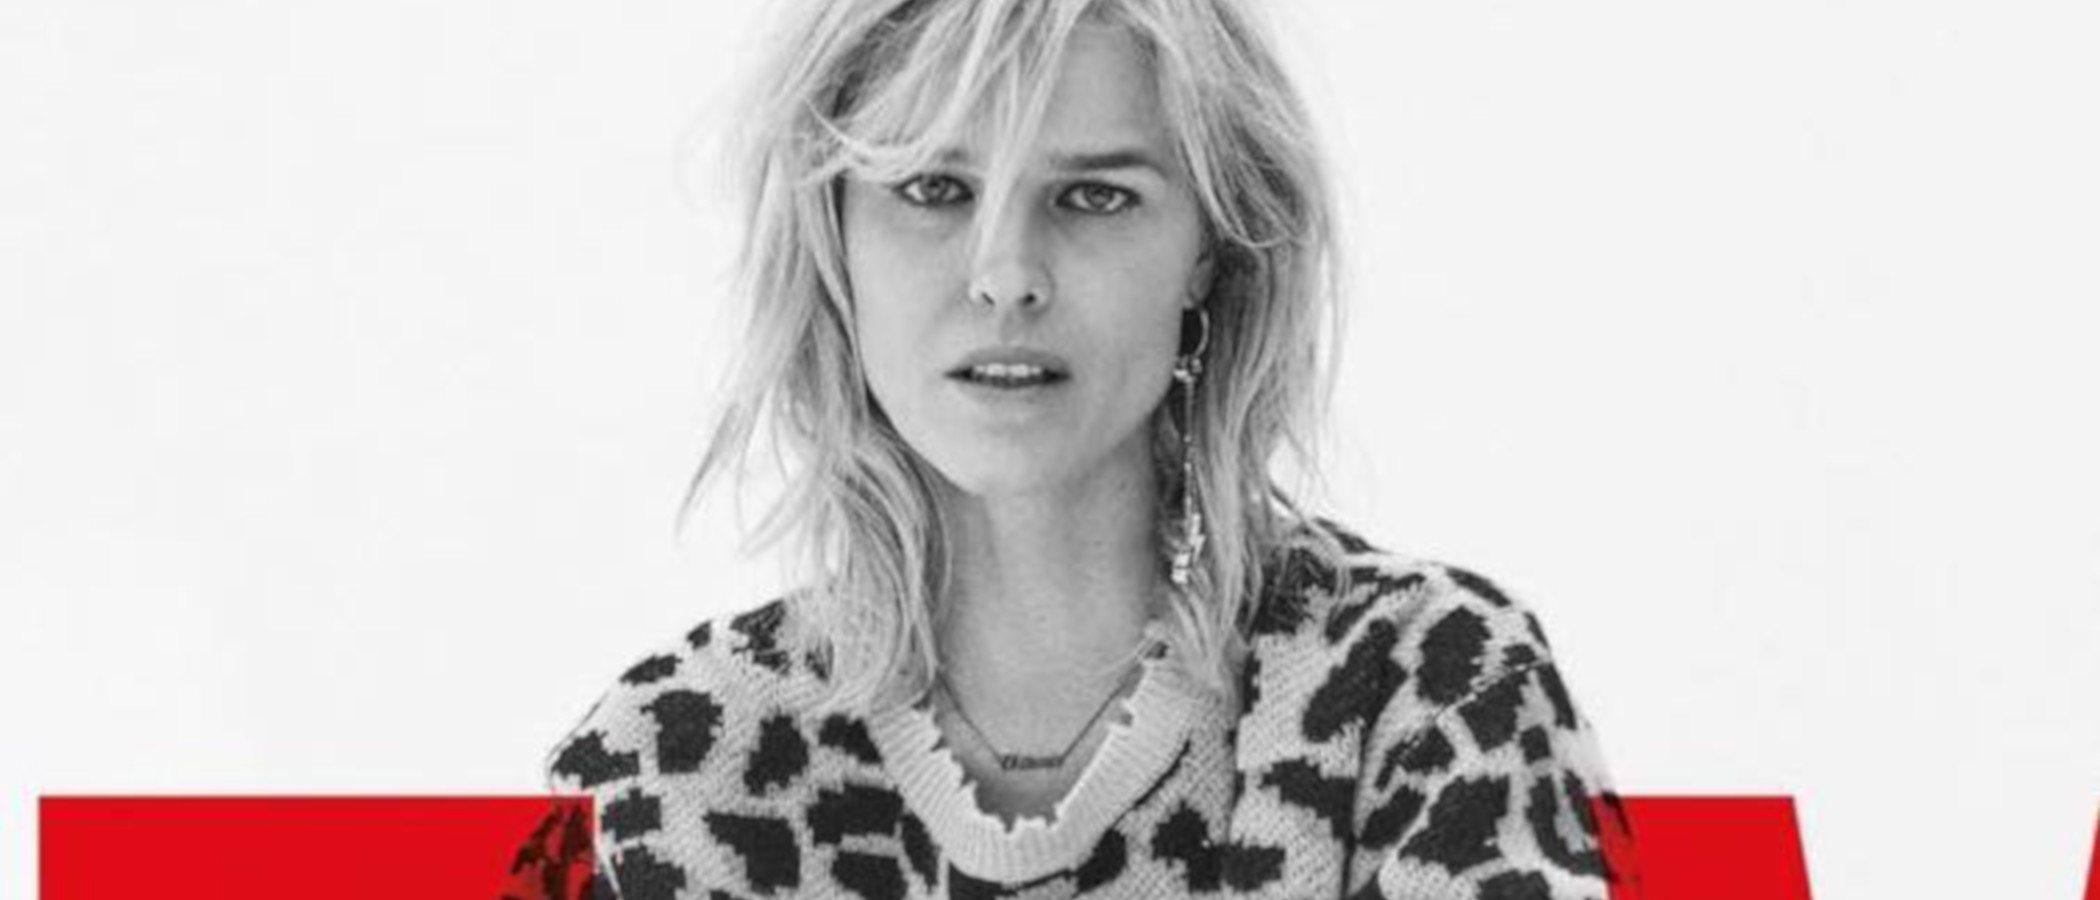 Eva Herzigová es el rostro de la campaña primavera/verano 2019 de Zadig & Voltaire